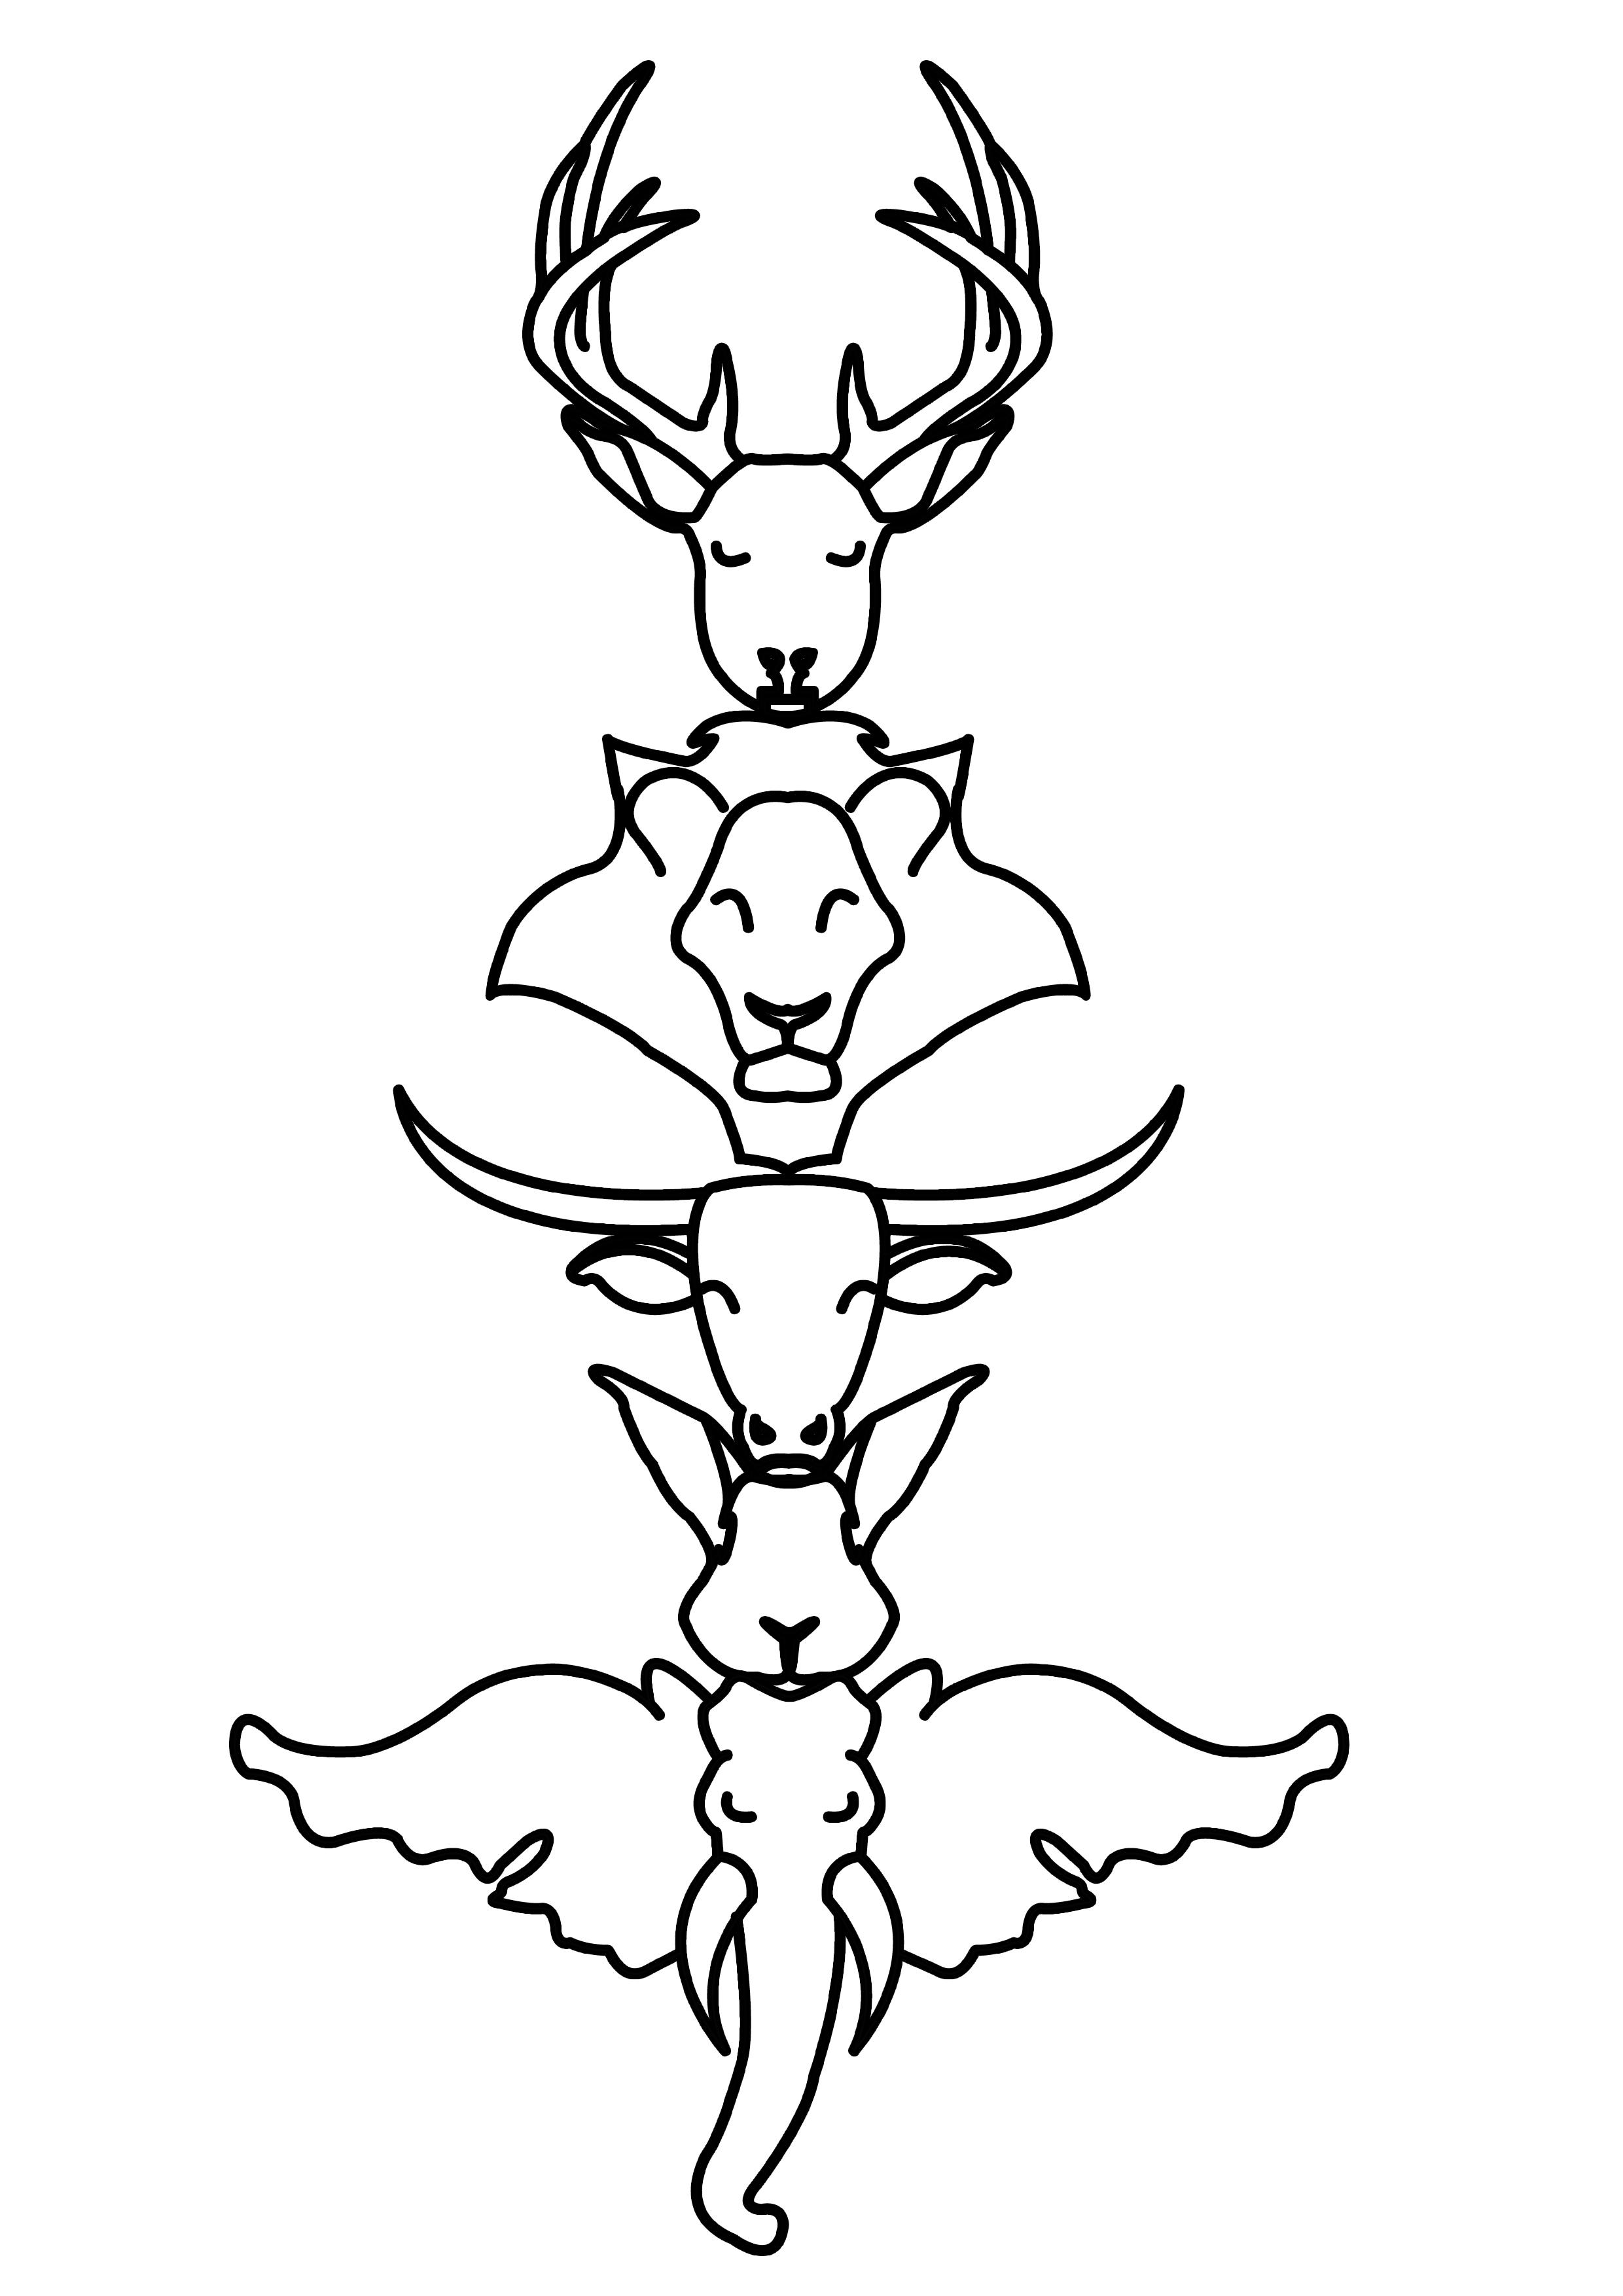 Totem Pole Designs